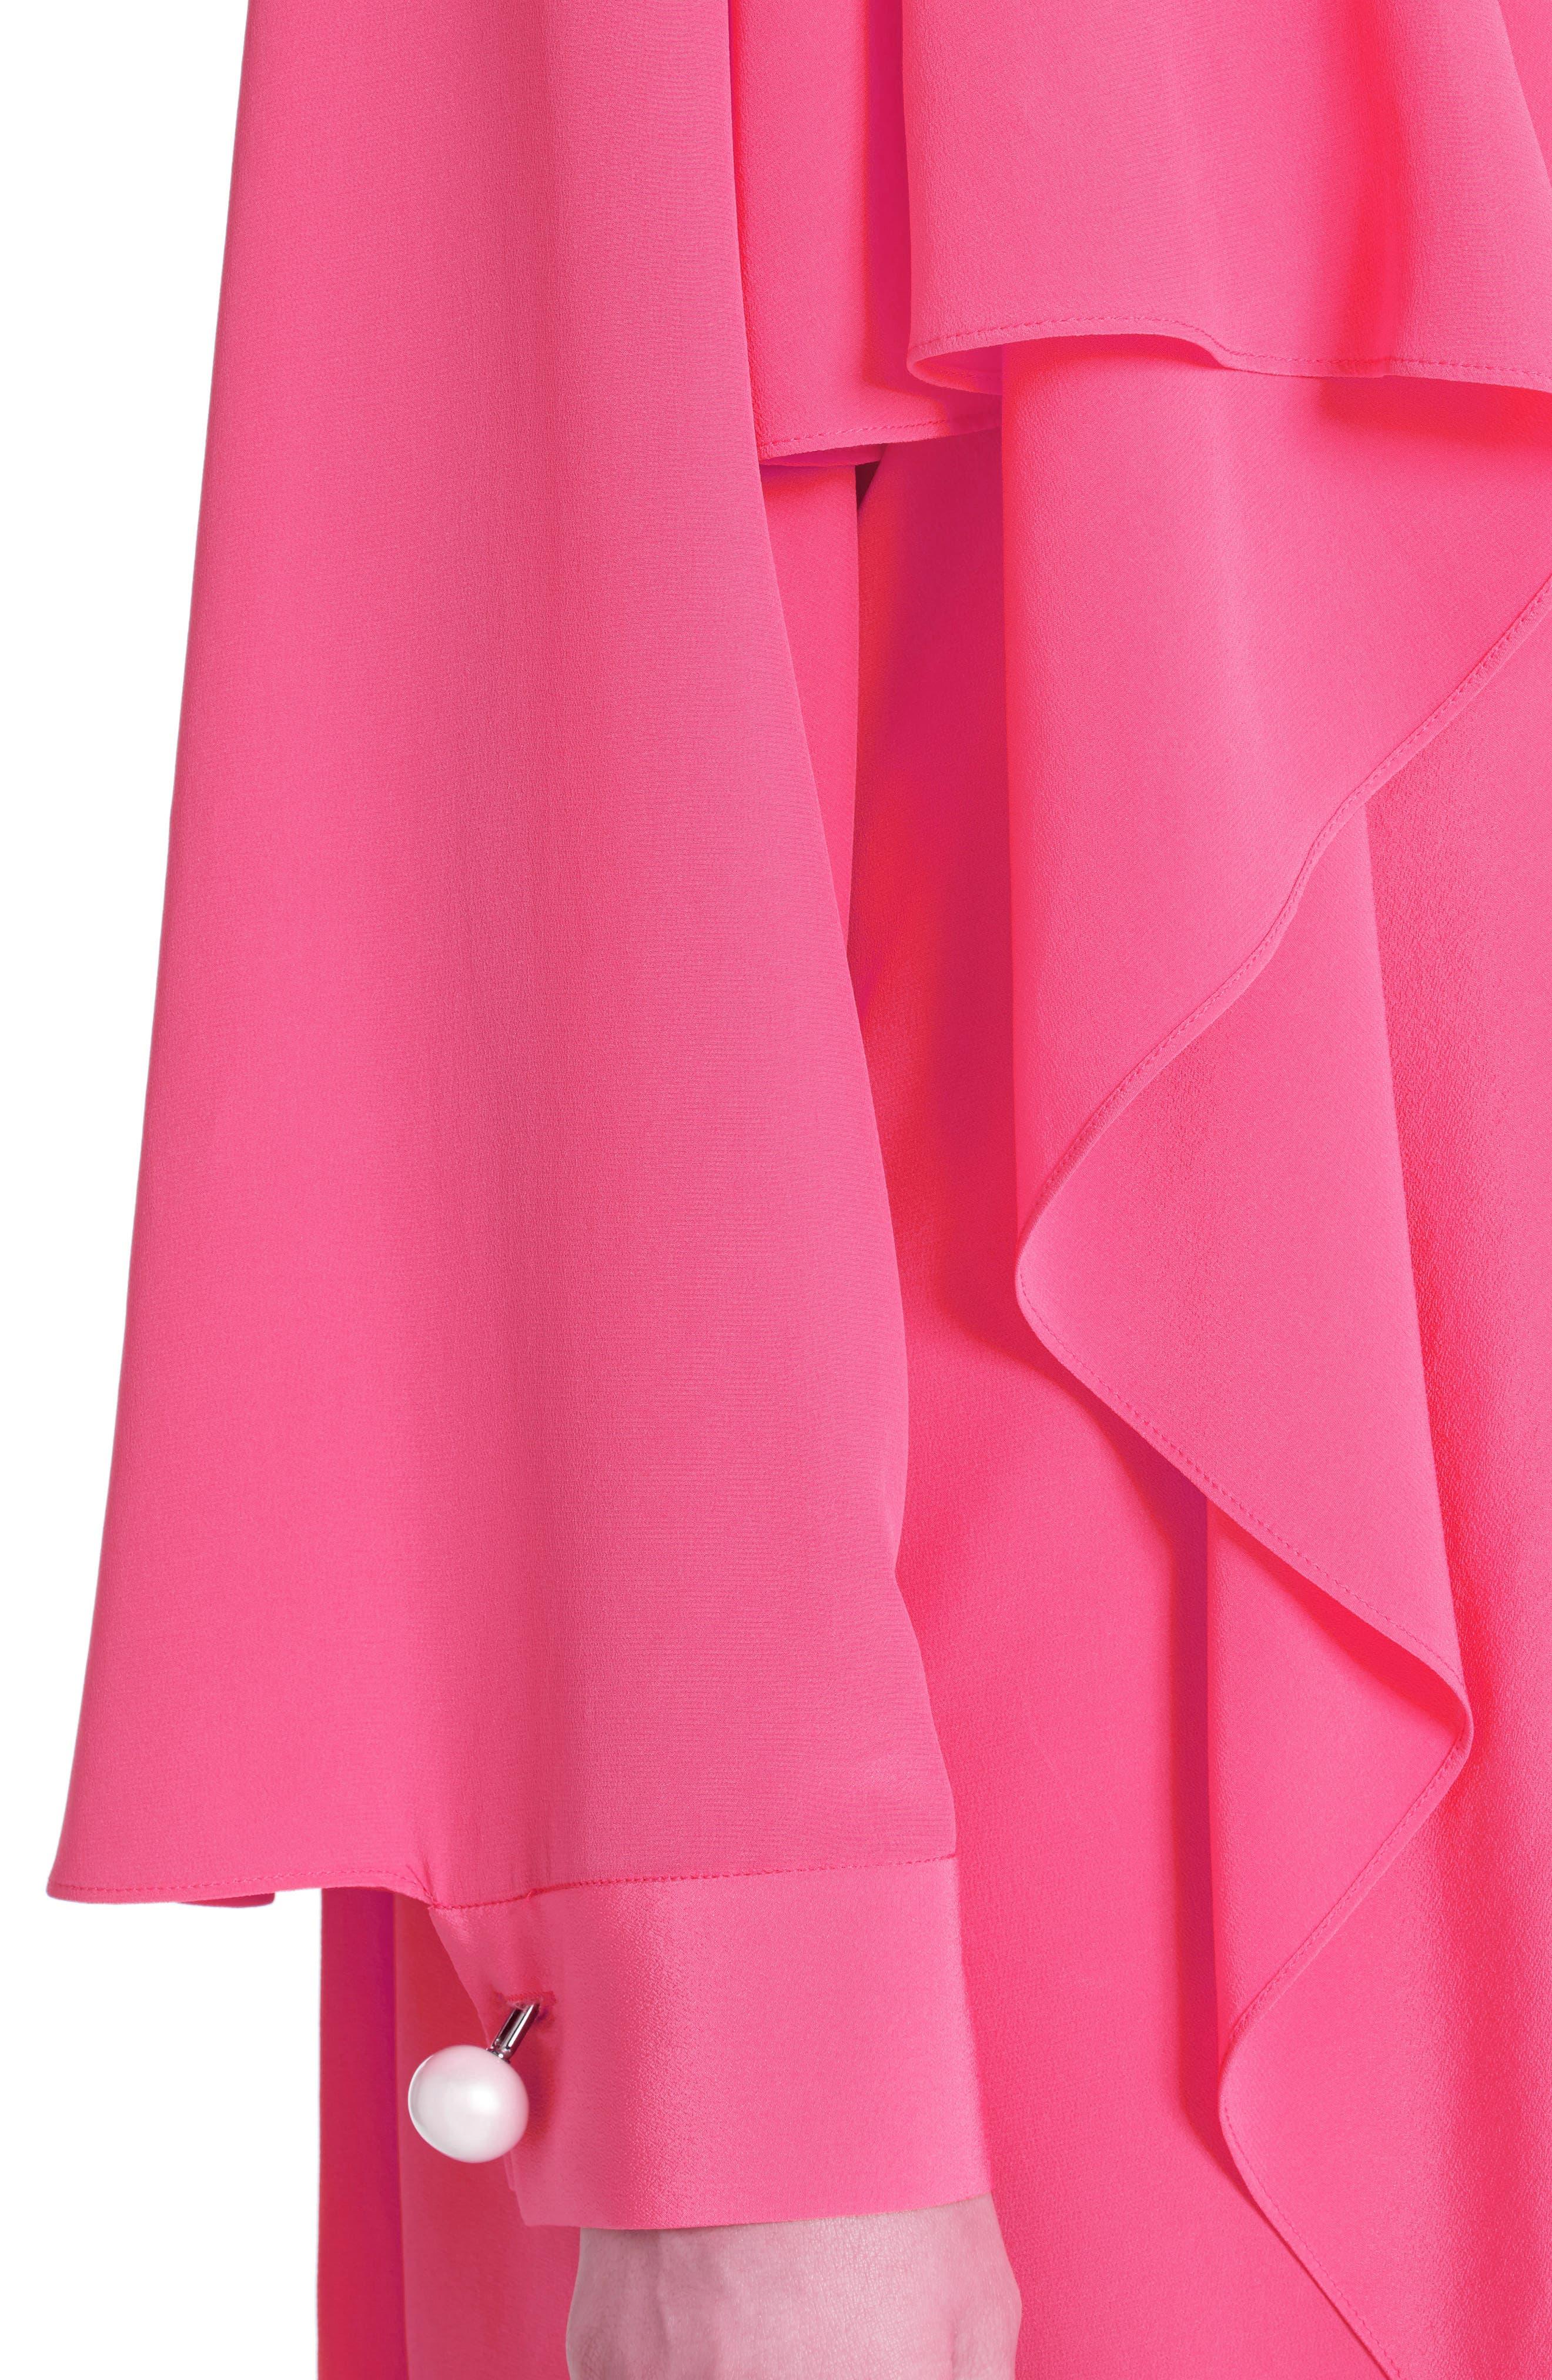 Drape Silk Crêpe de Chine Dress,                             Alternate thumbnail 4, color,                             650